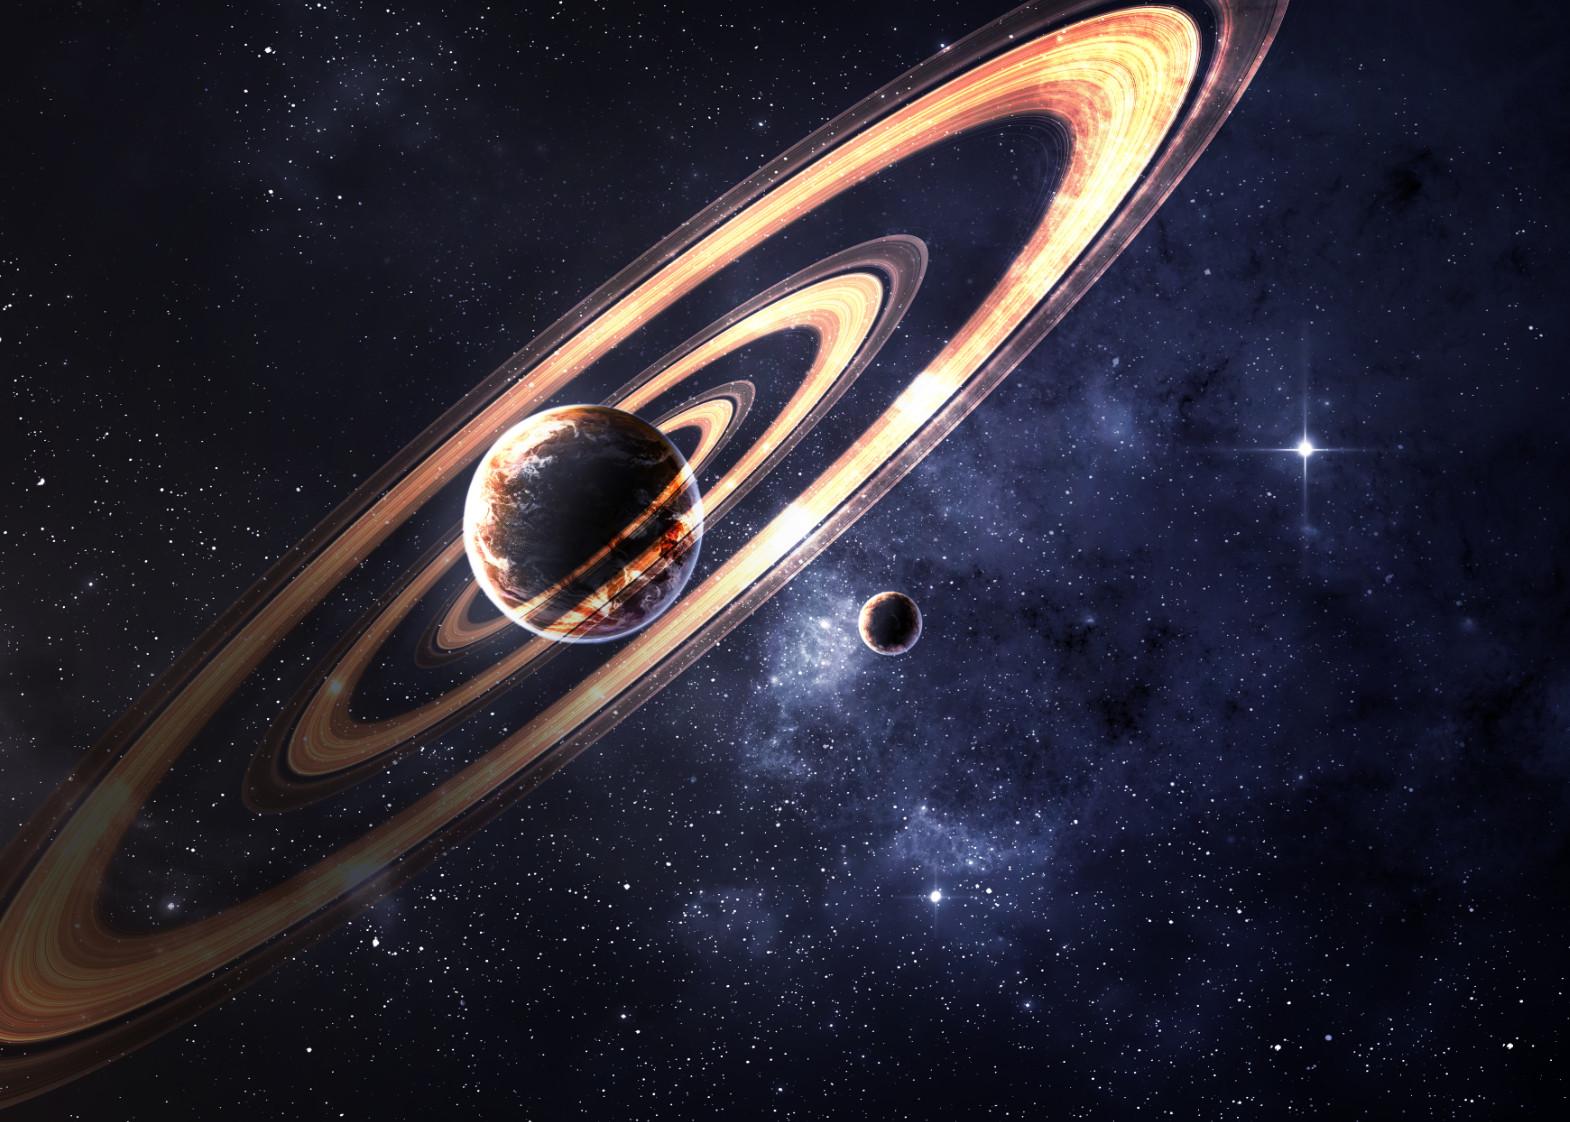 Звёздное небо и космос в картинках - Страница 5 Vadim-sadovski-2015-09-08-063242